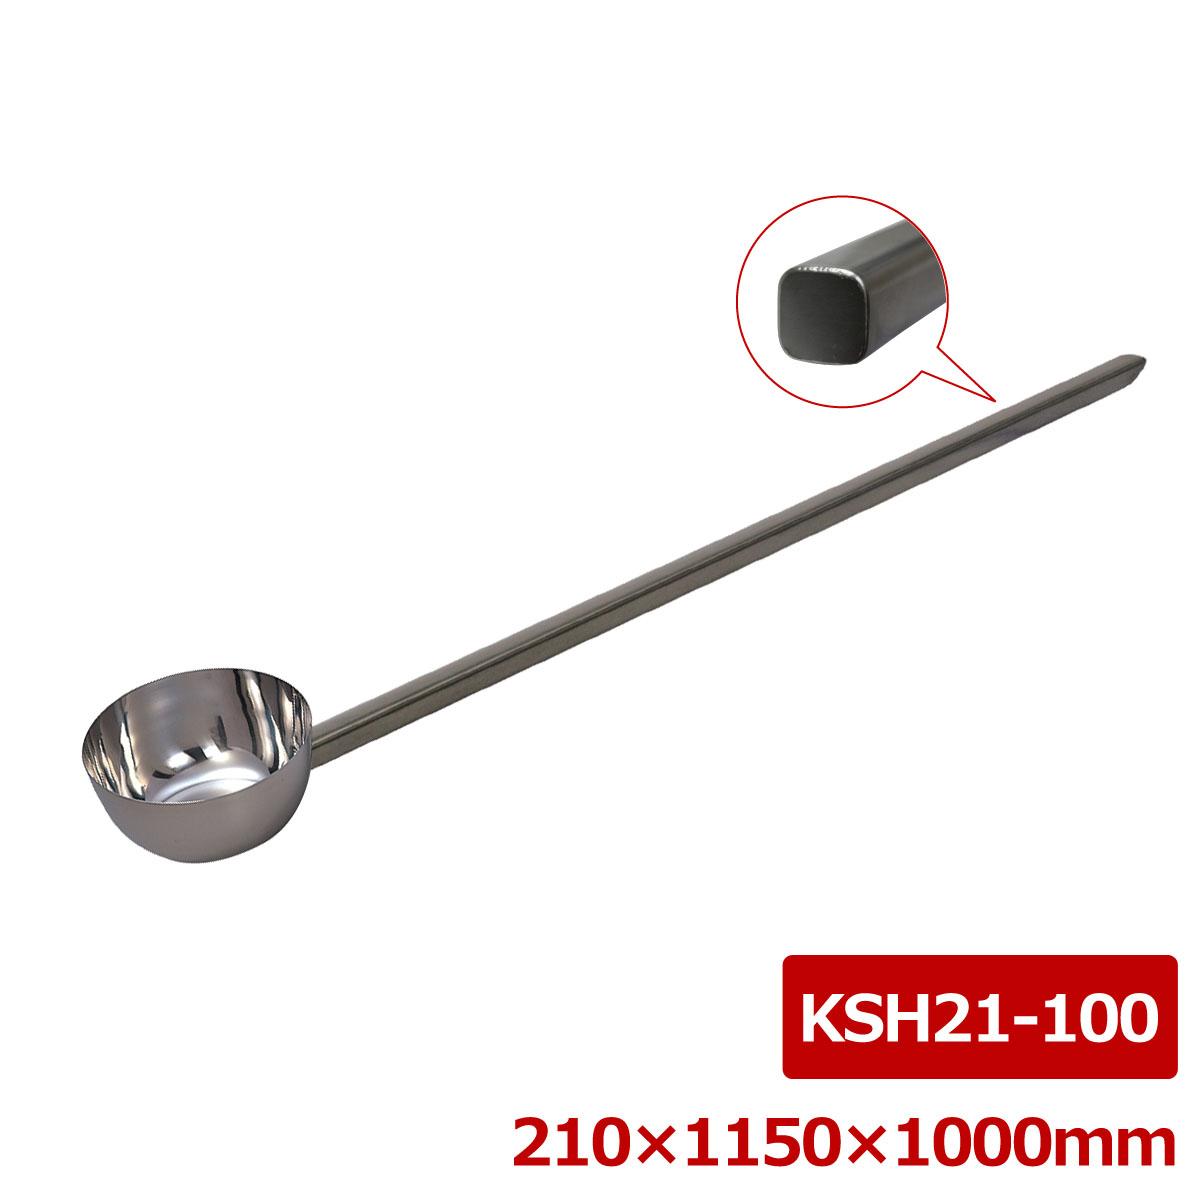 ステンレス 一体型角柄ヒシャク 21*100cm KSH21-100